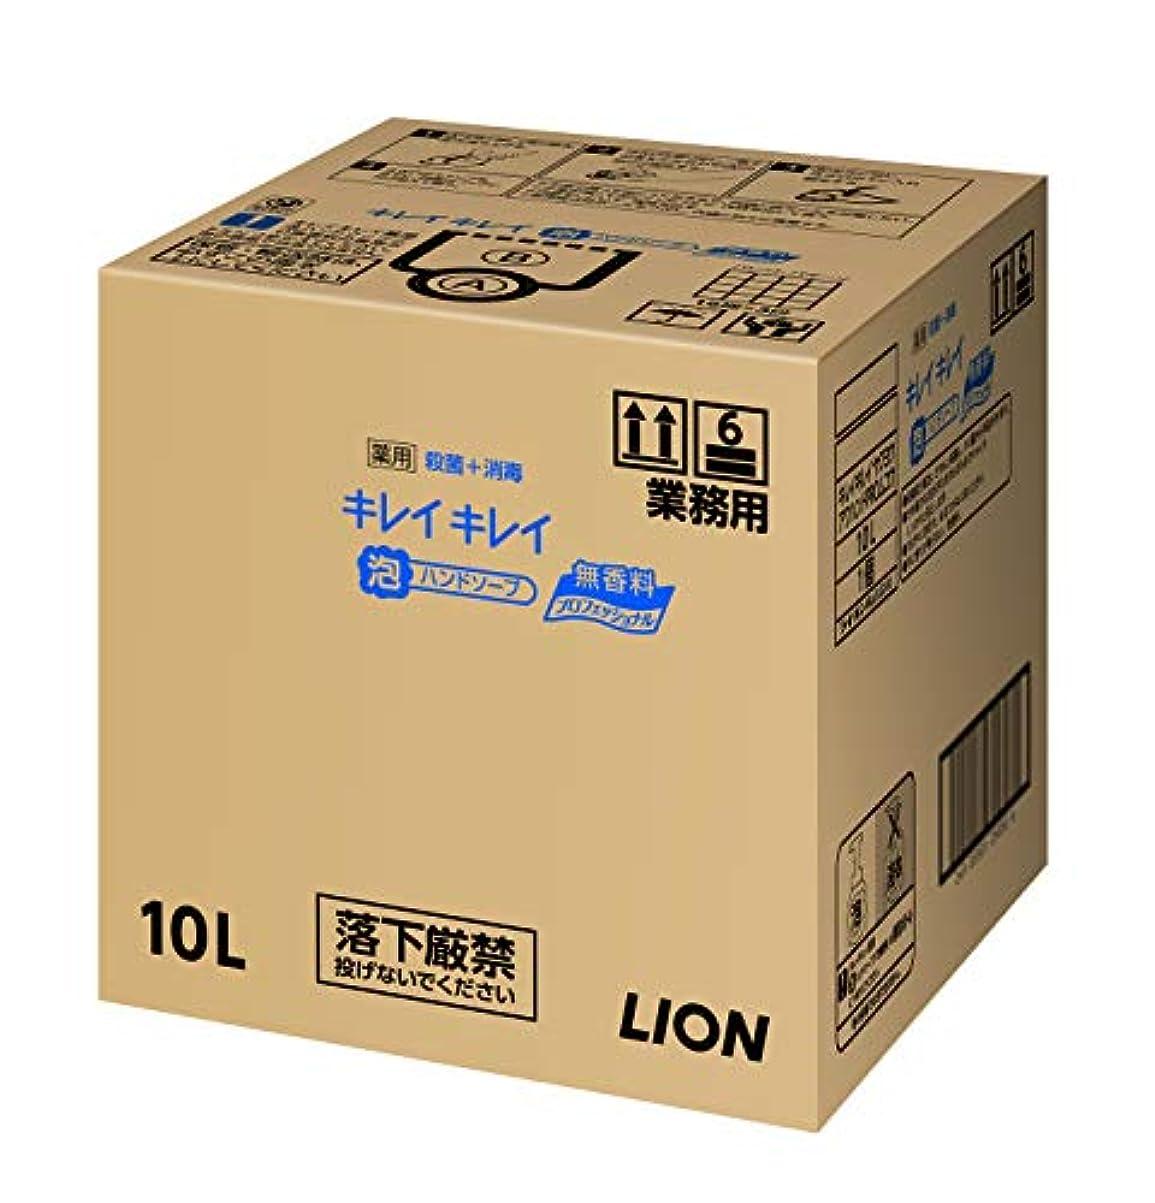 に沿って灰キャッチ【業務用 大容量】キレイキレイ 薬用 泡ハンドソープ 無香料 10L(医薬部外品)